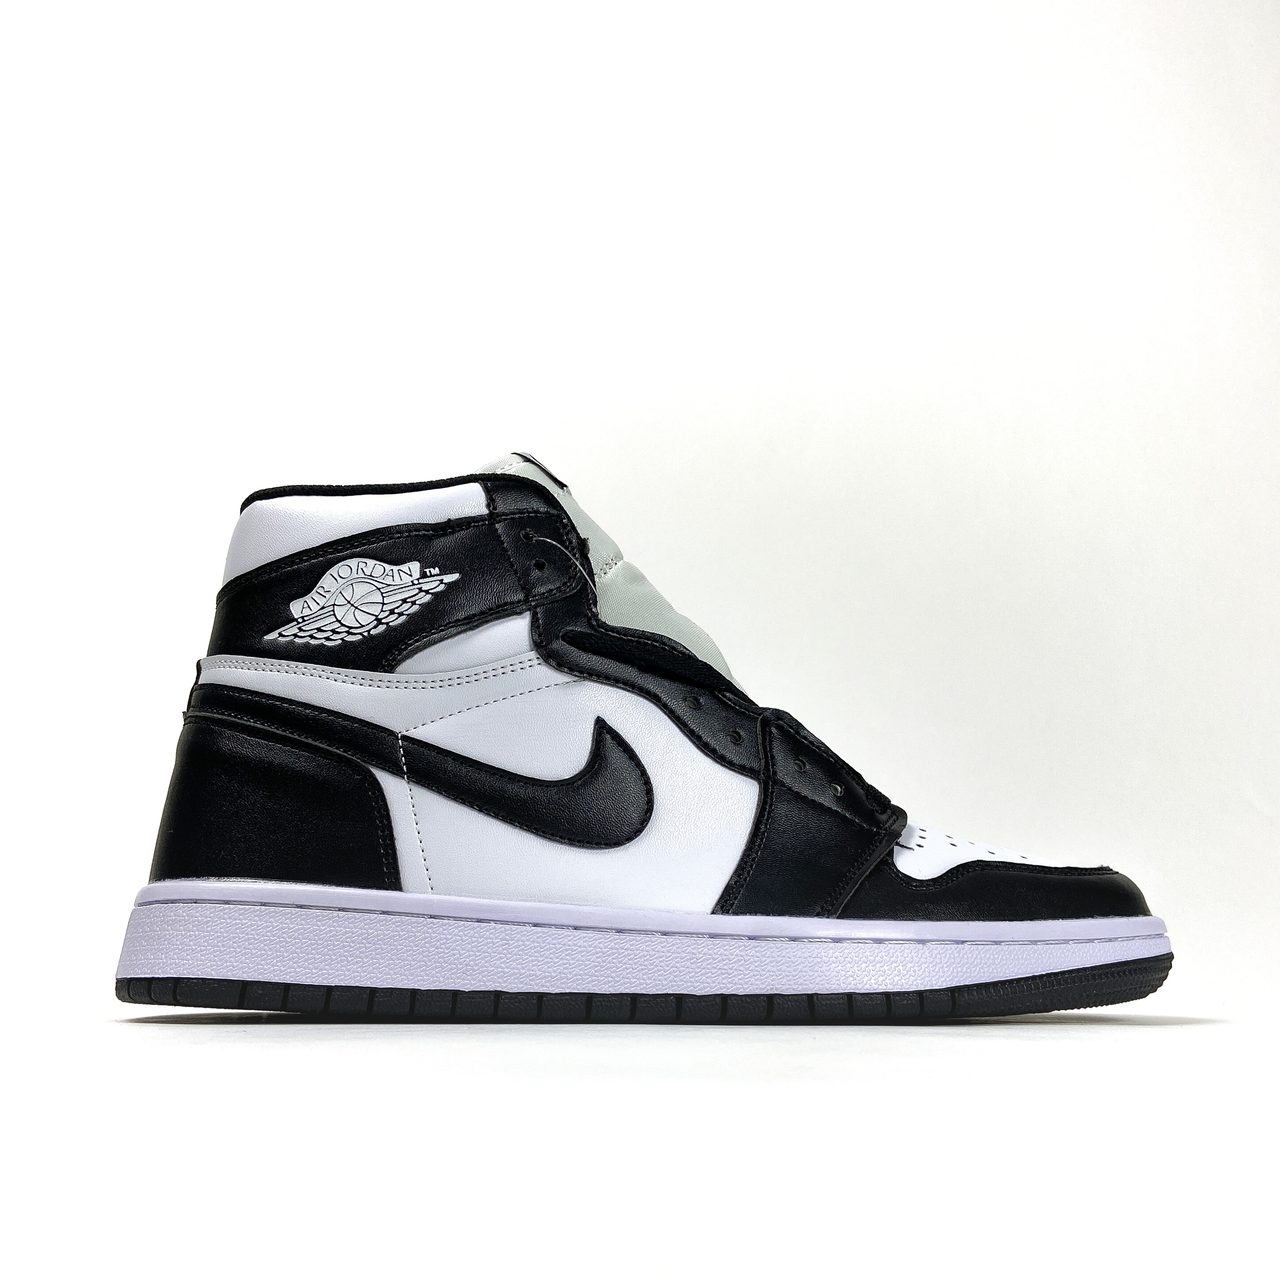 Nk, крос, обувь, взуття, sneakers, шузы, Air Jordan 1 Black White (Белый)